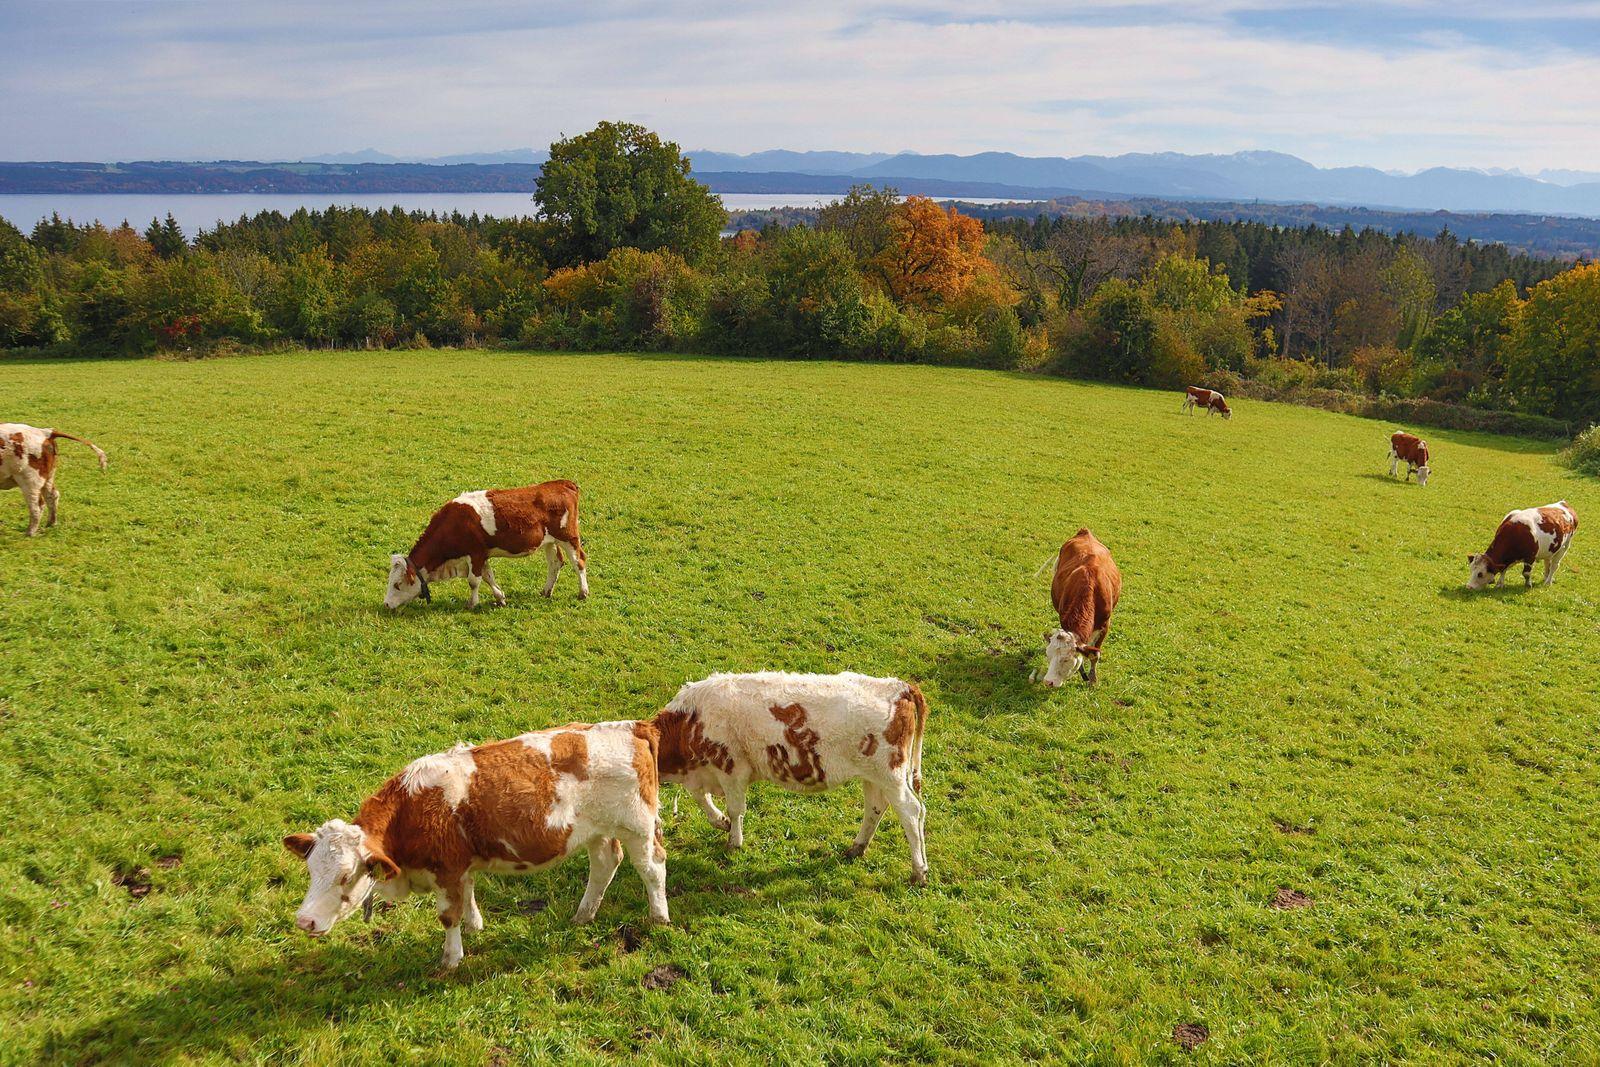 LK Starnberg, Deutschland Oktober 2020: Impressionen Herbst - 2020 Tutzing, Starnberger See, Fuenfseenland, Oberbayern,